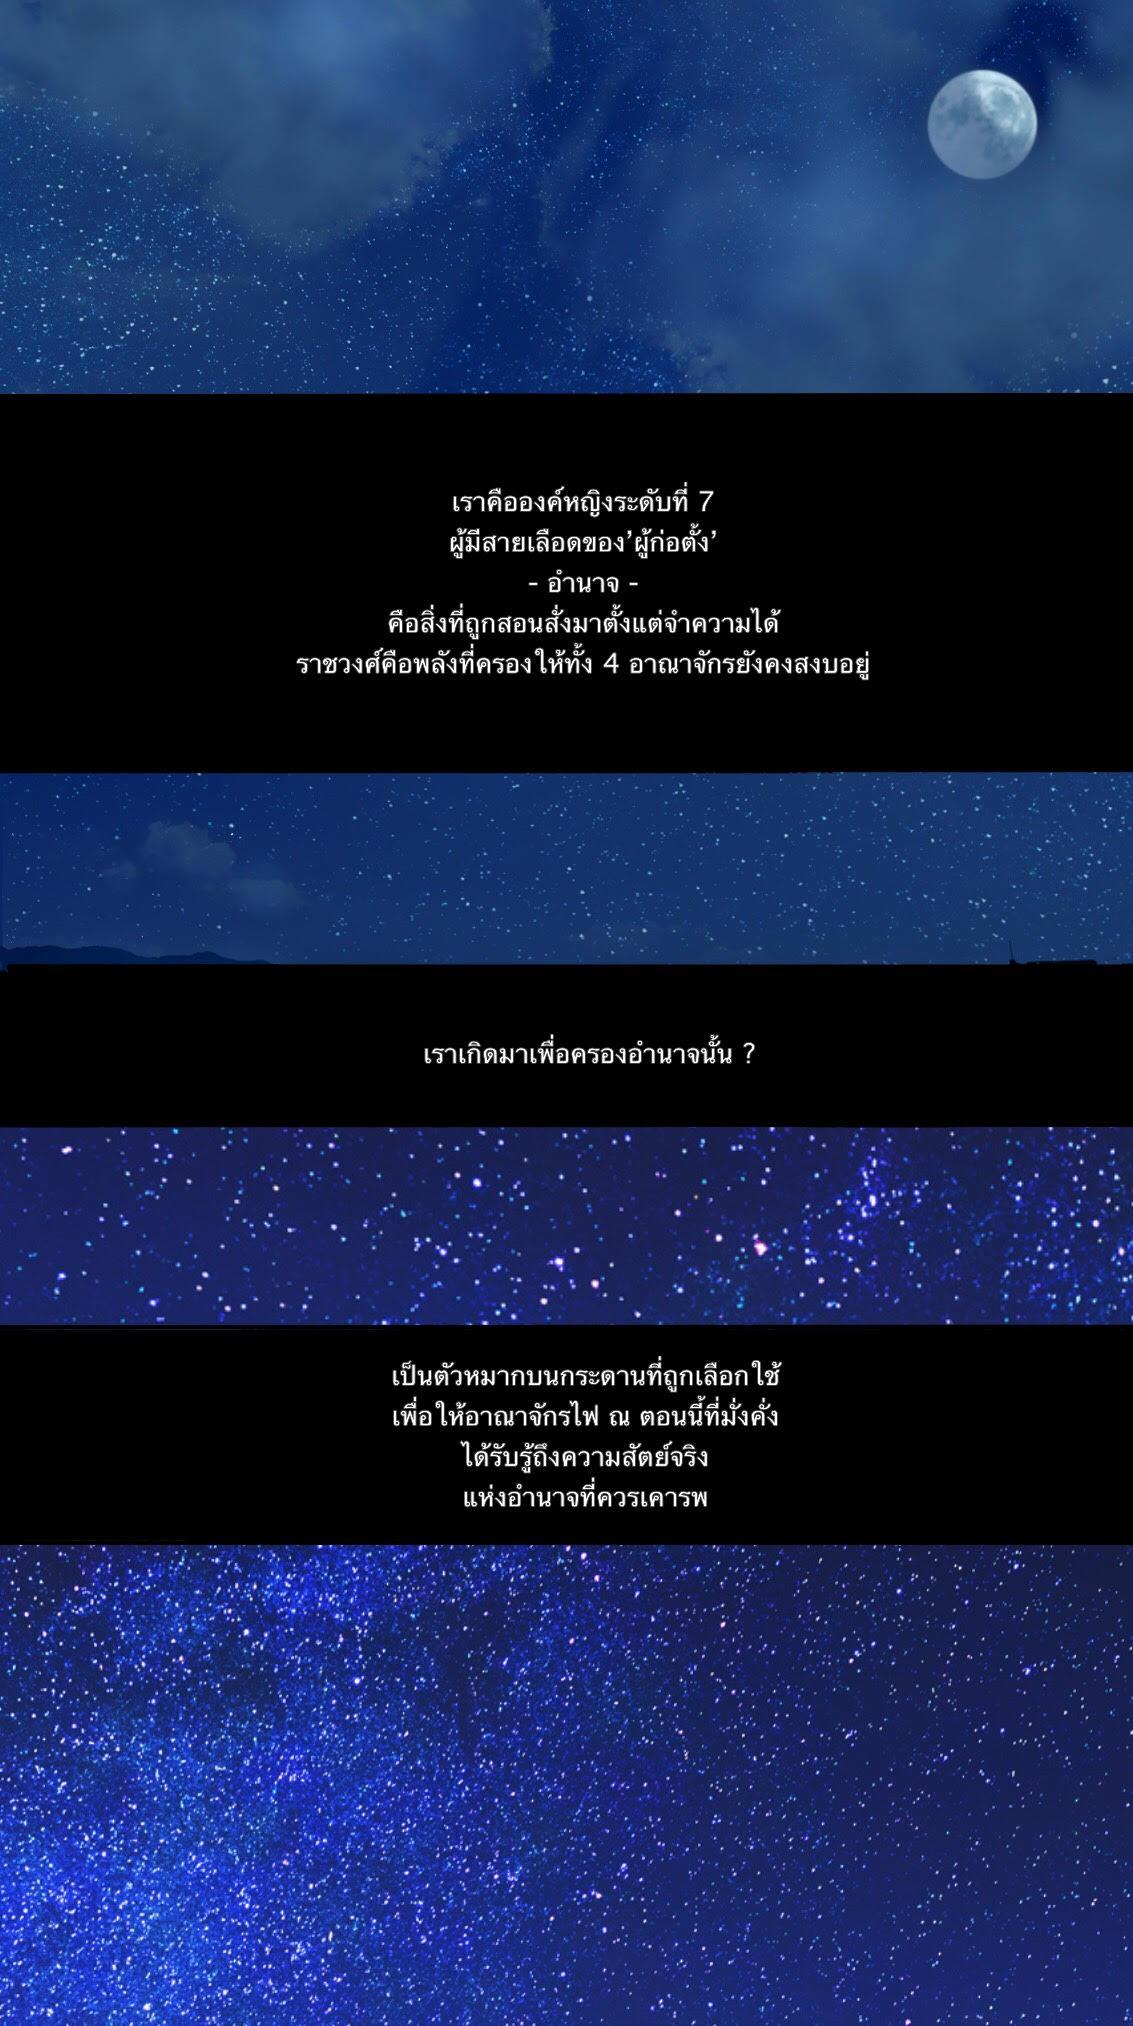 ตอนที่ 1 - ความจริงที่ทั้งคู่ก็รู้ดี (01)